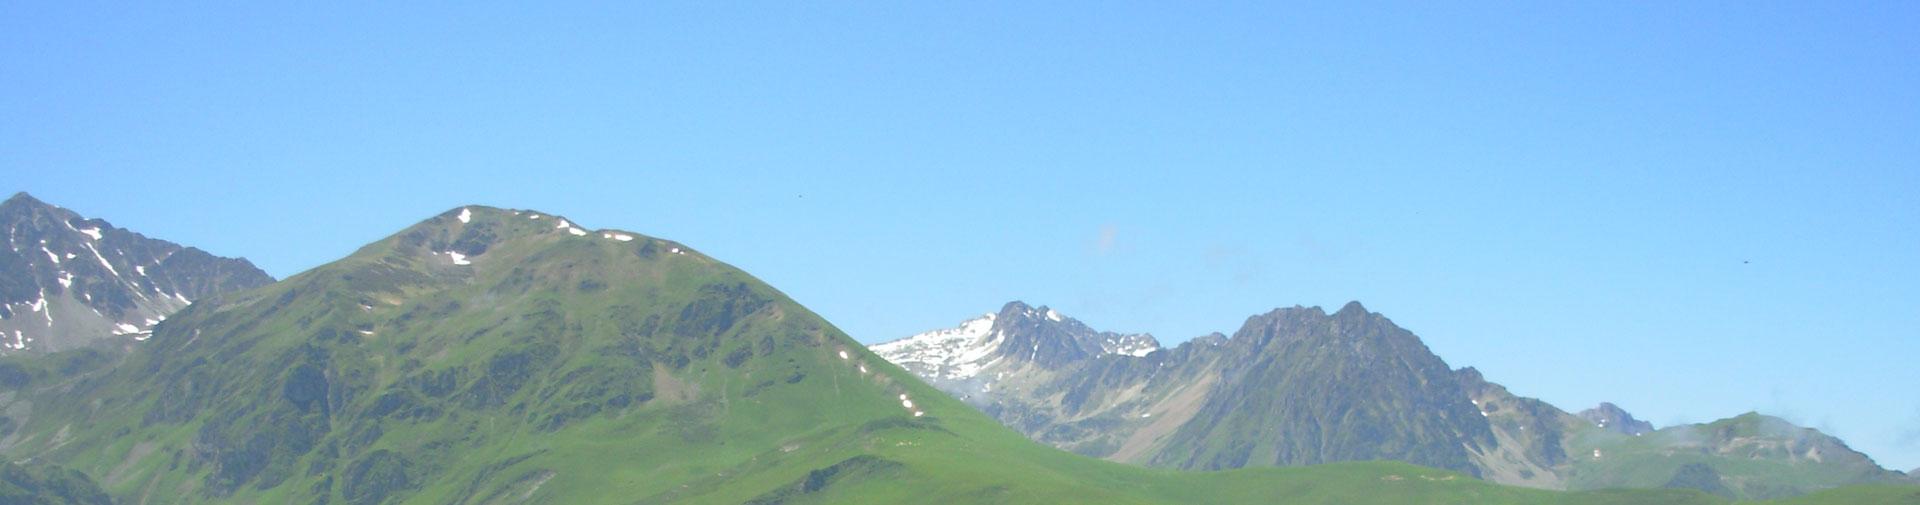 tourisme-hautes-pyrenees